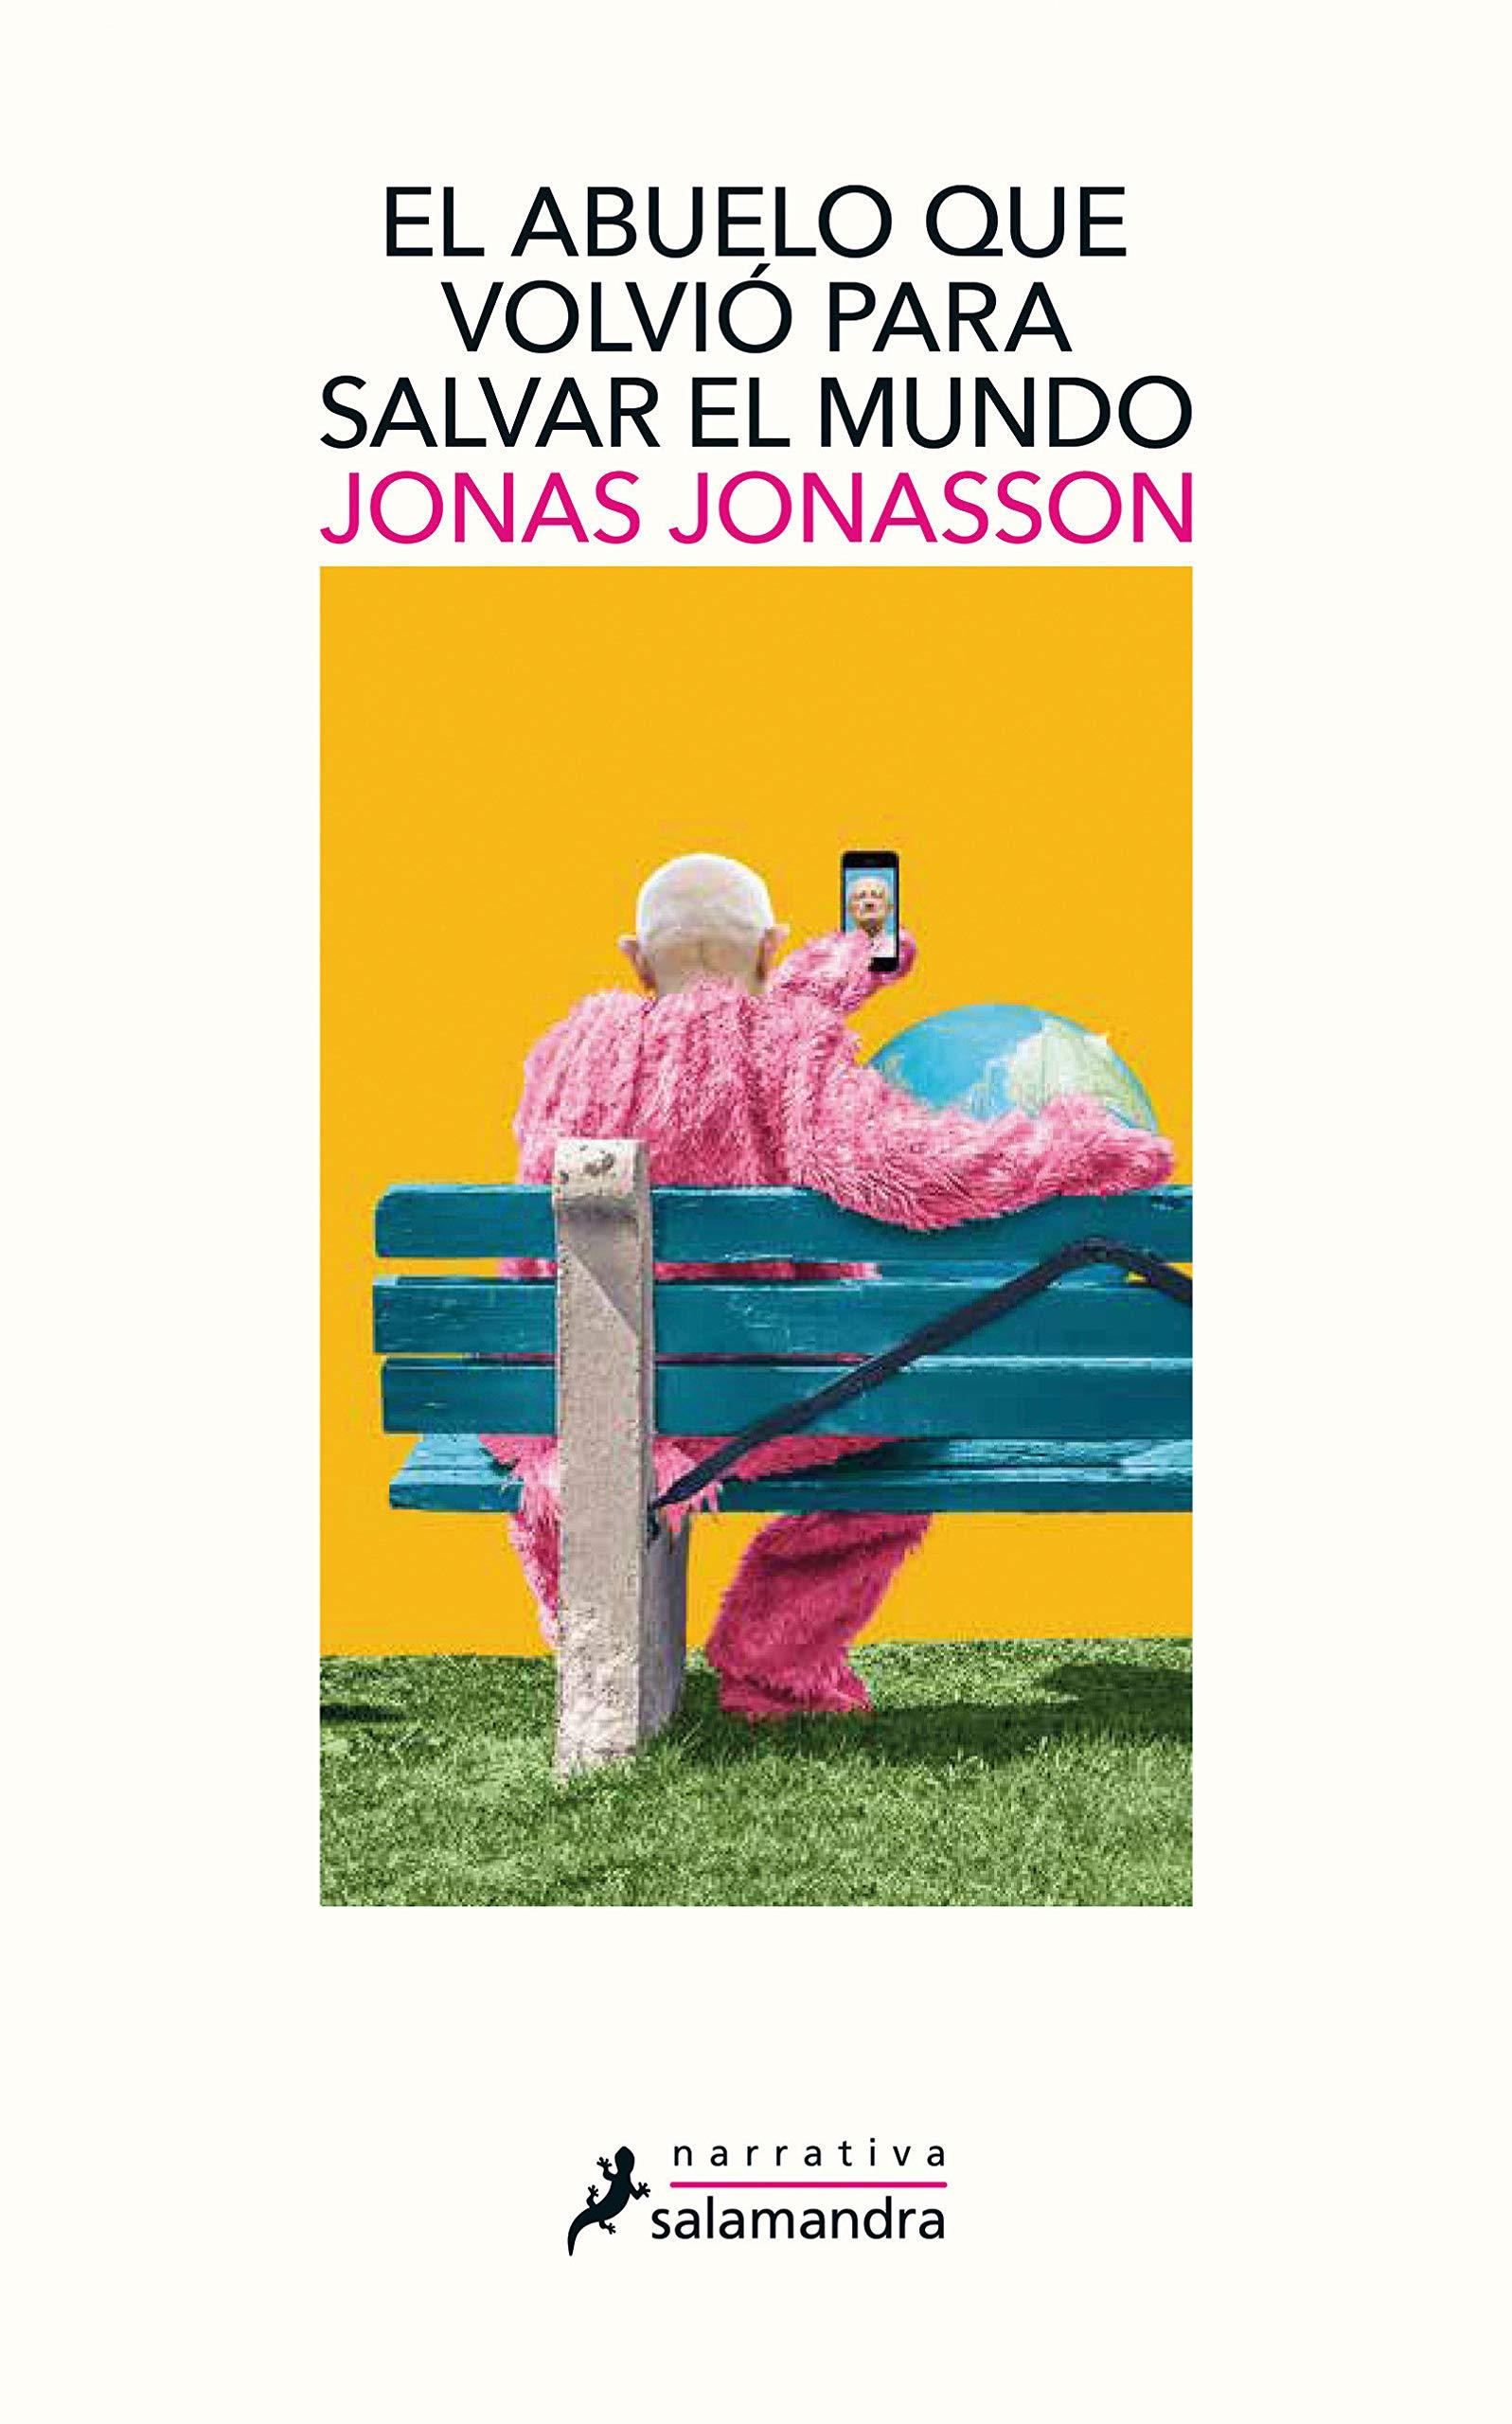 El abuelo que volvió para salvar el mundo (Narrativa): Amazon.es: Jonasson, Jonas: Libros